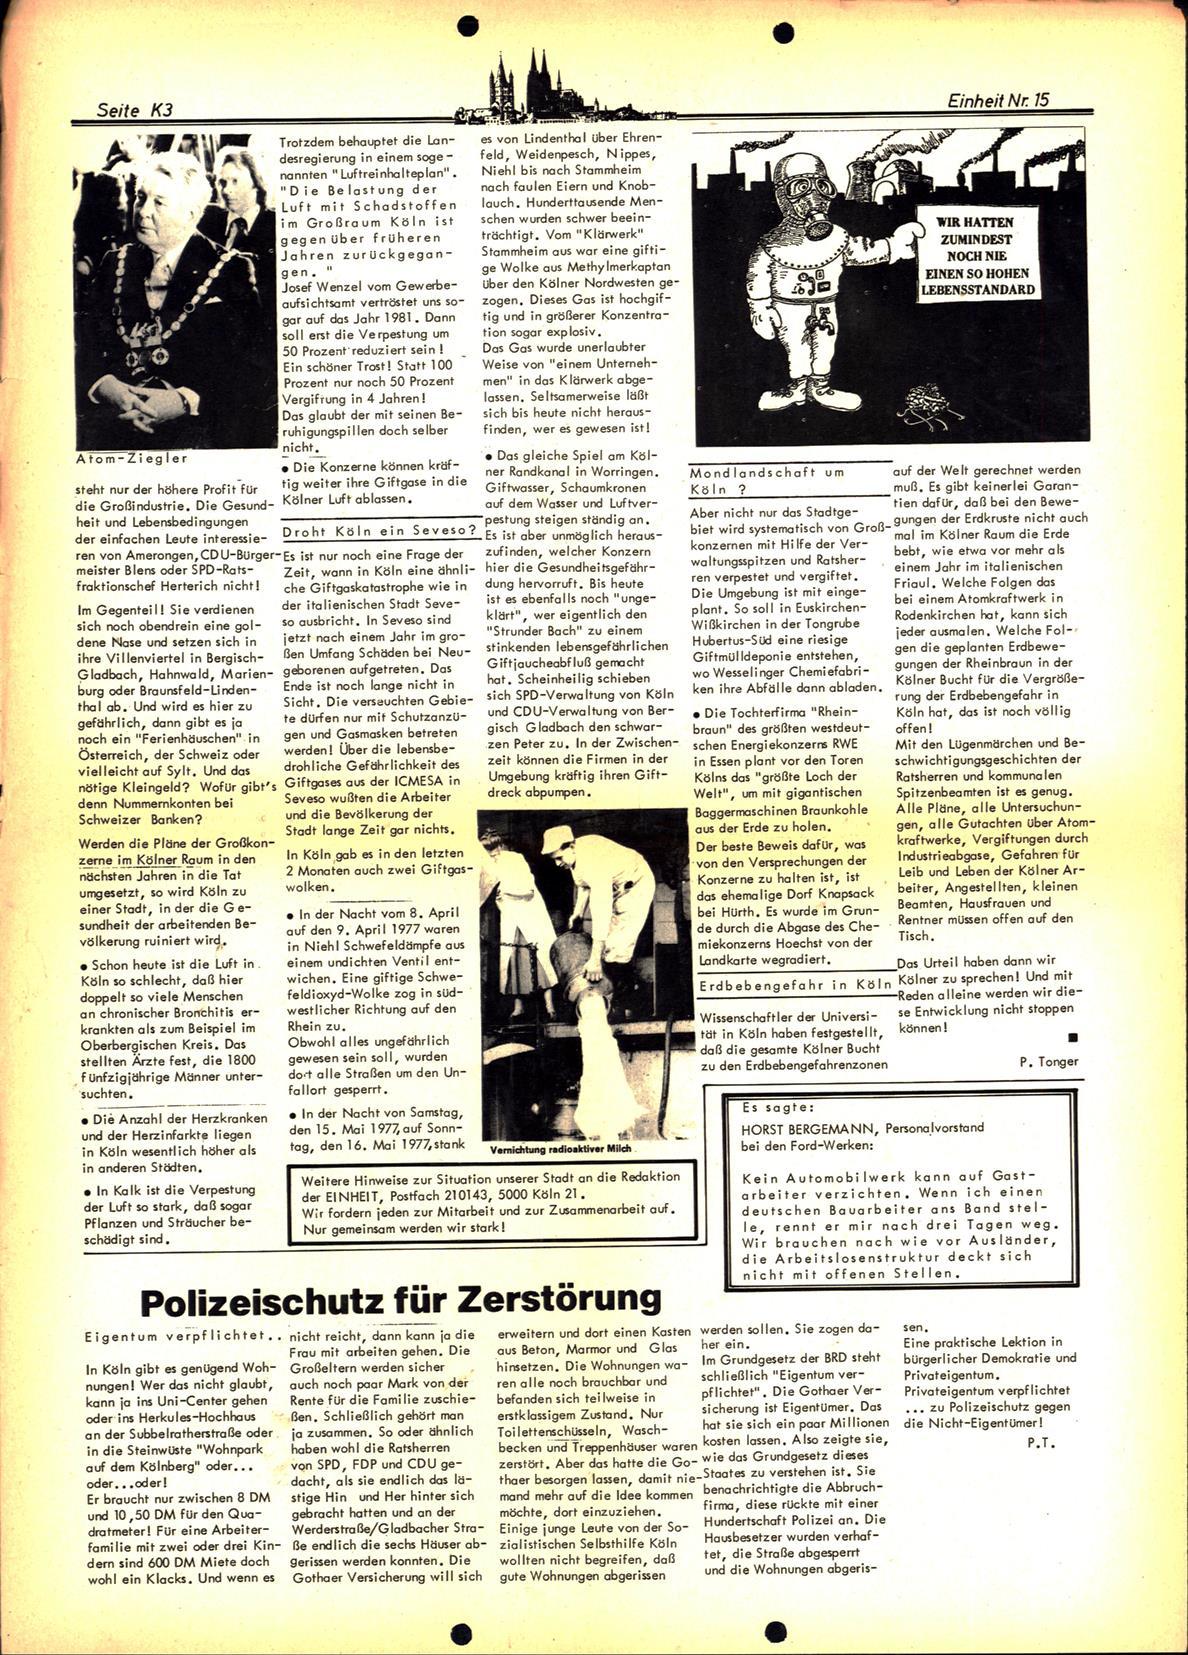 Koeln_IPdA_Einheit_1977_015_024